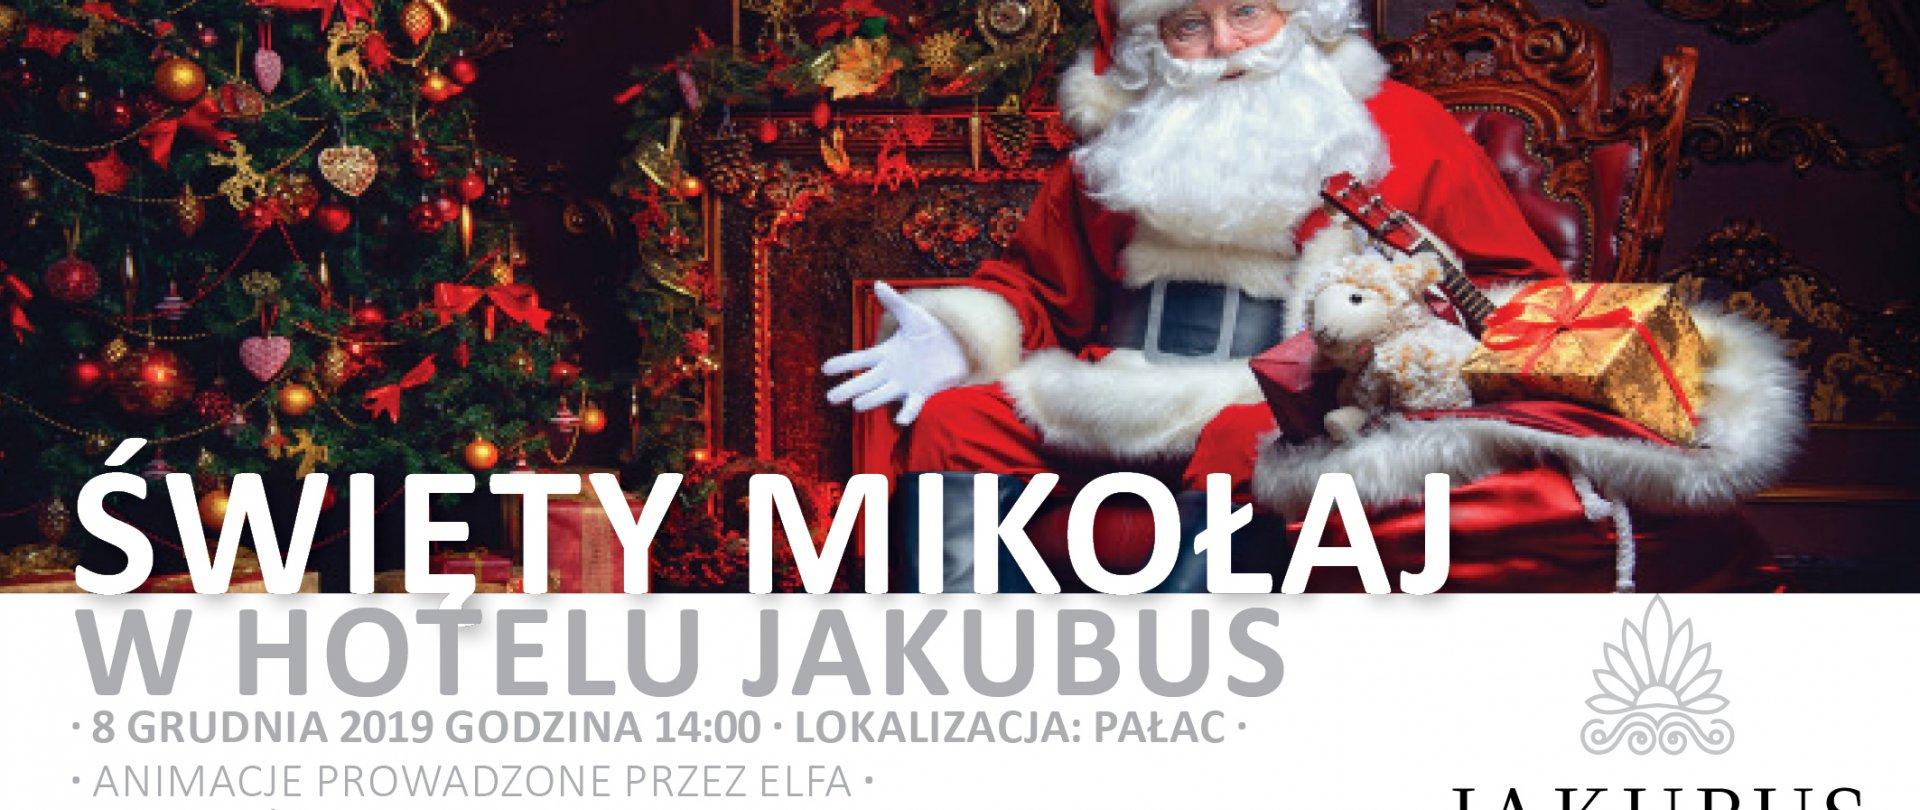 Święty Mikołaj w Jakubusie 08.12